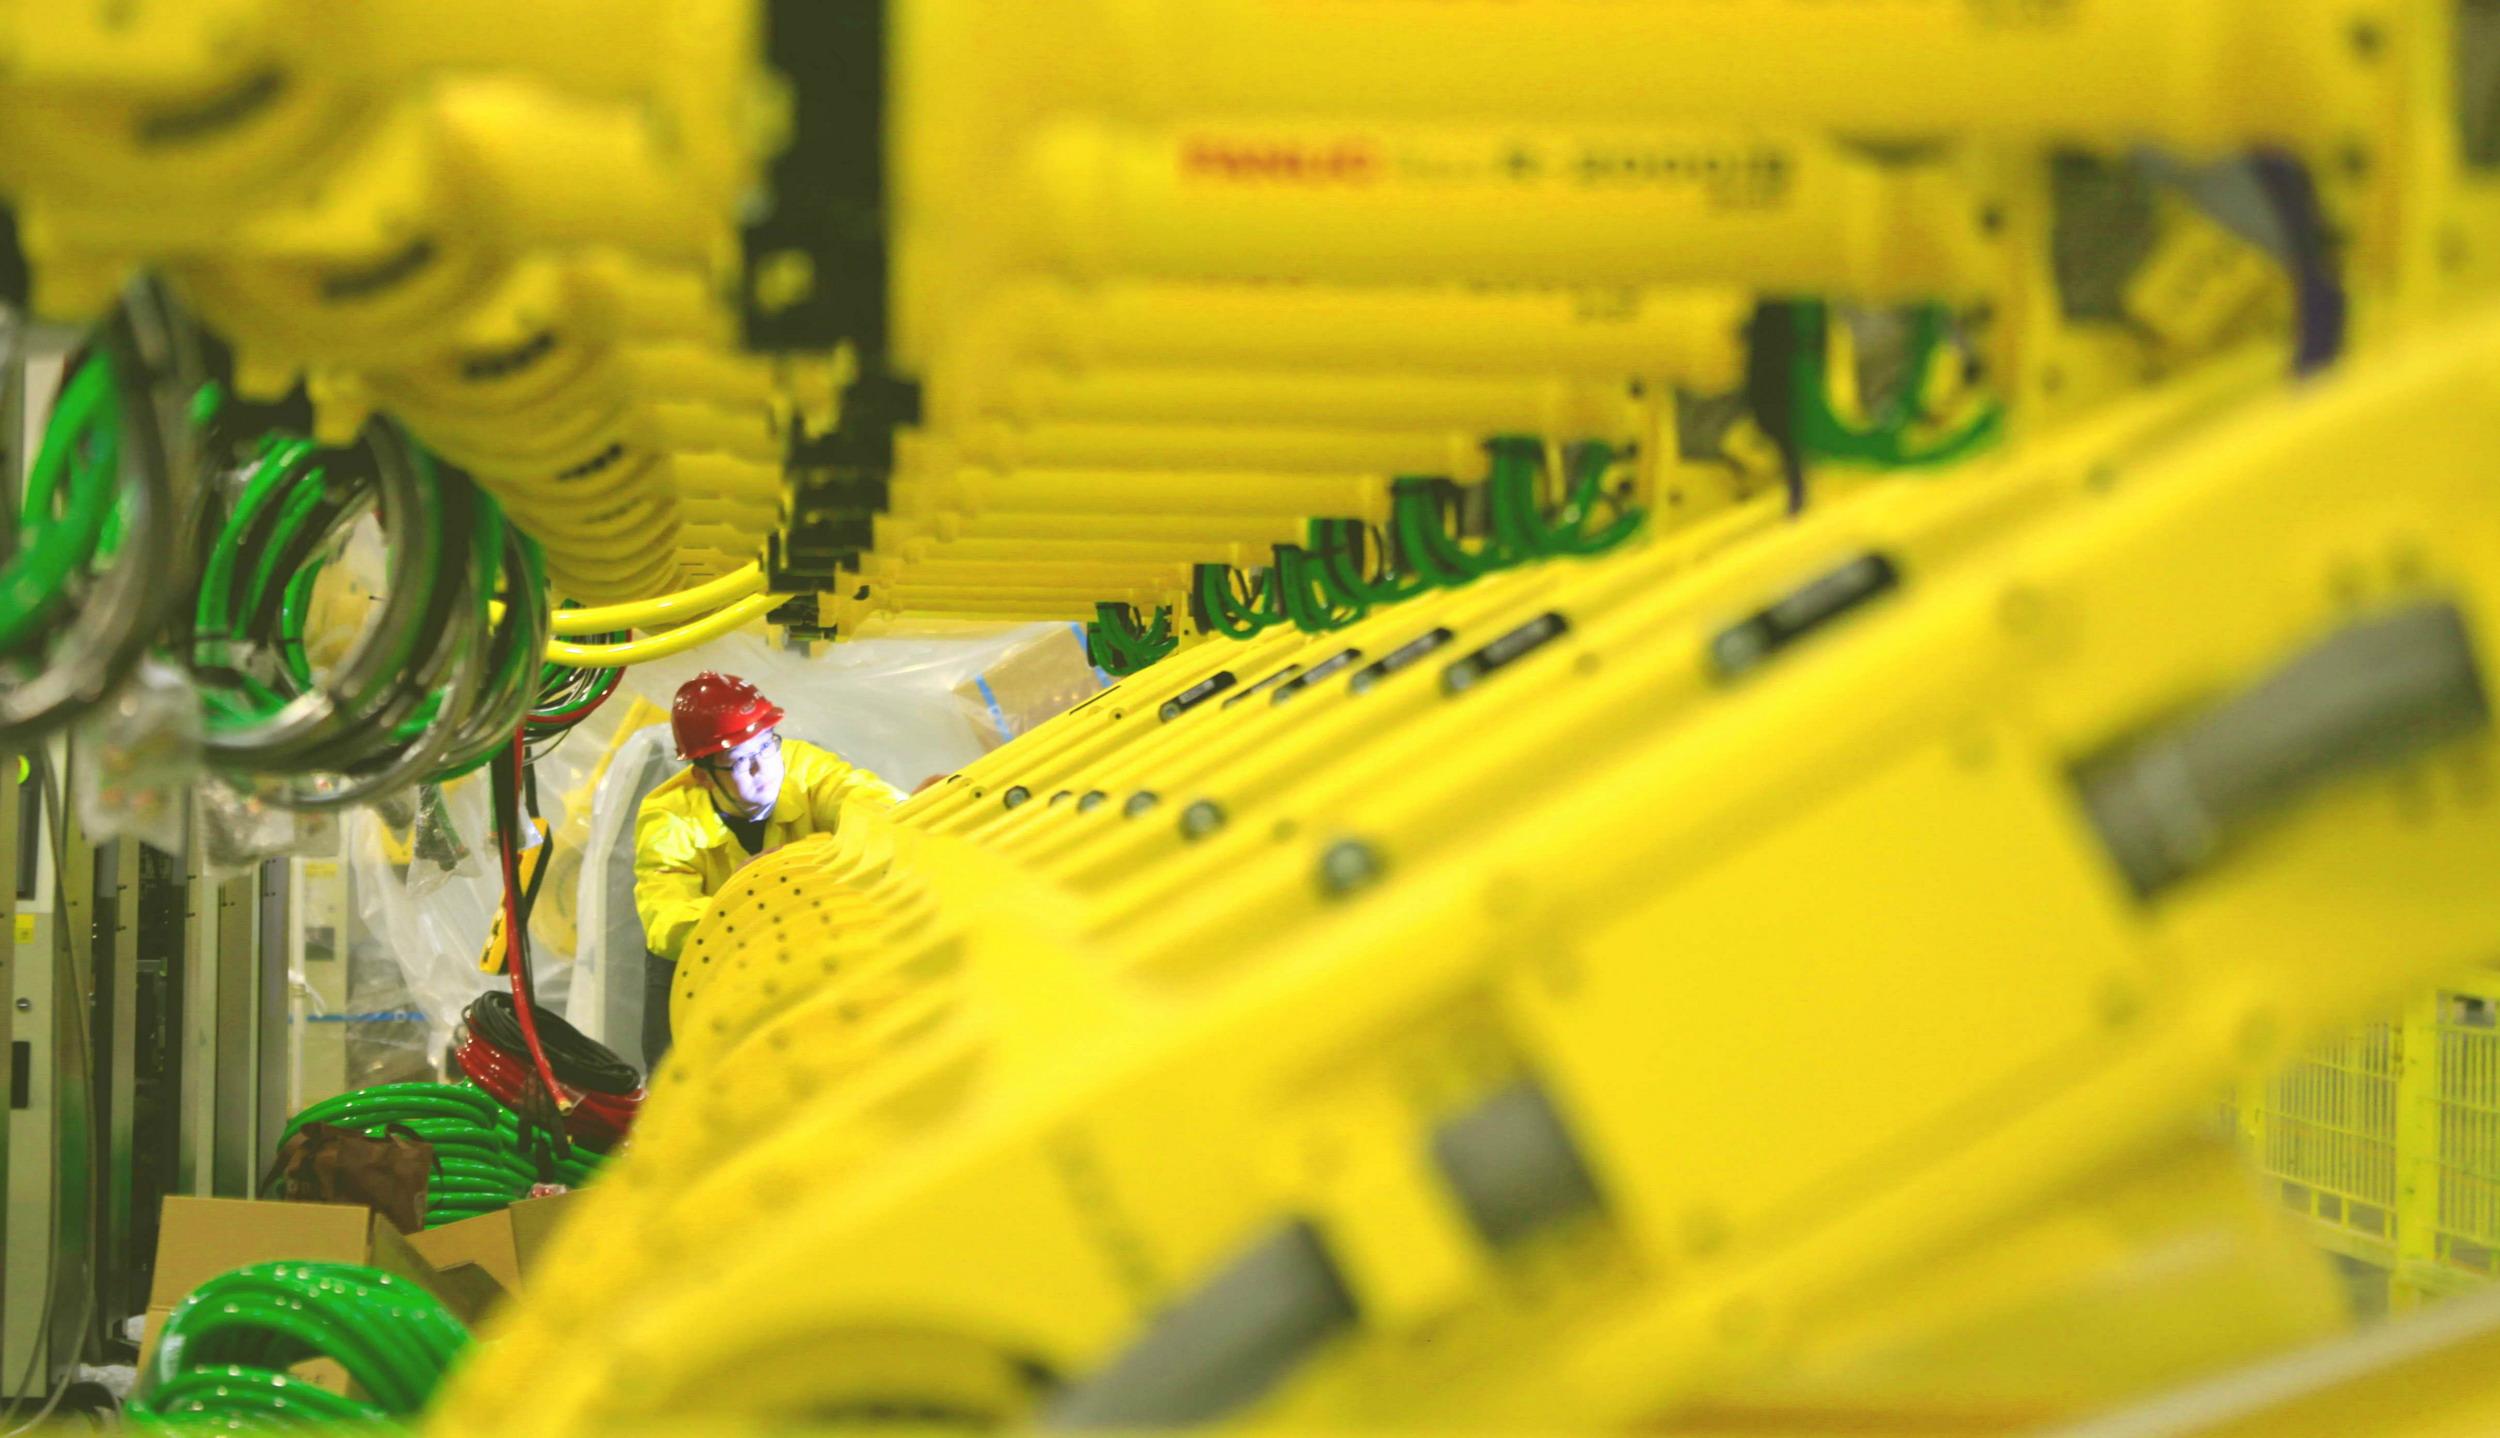 位于上海机器人产业园的高新技术企业